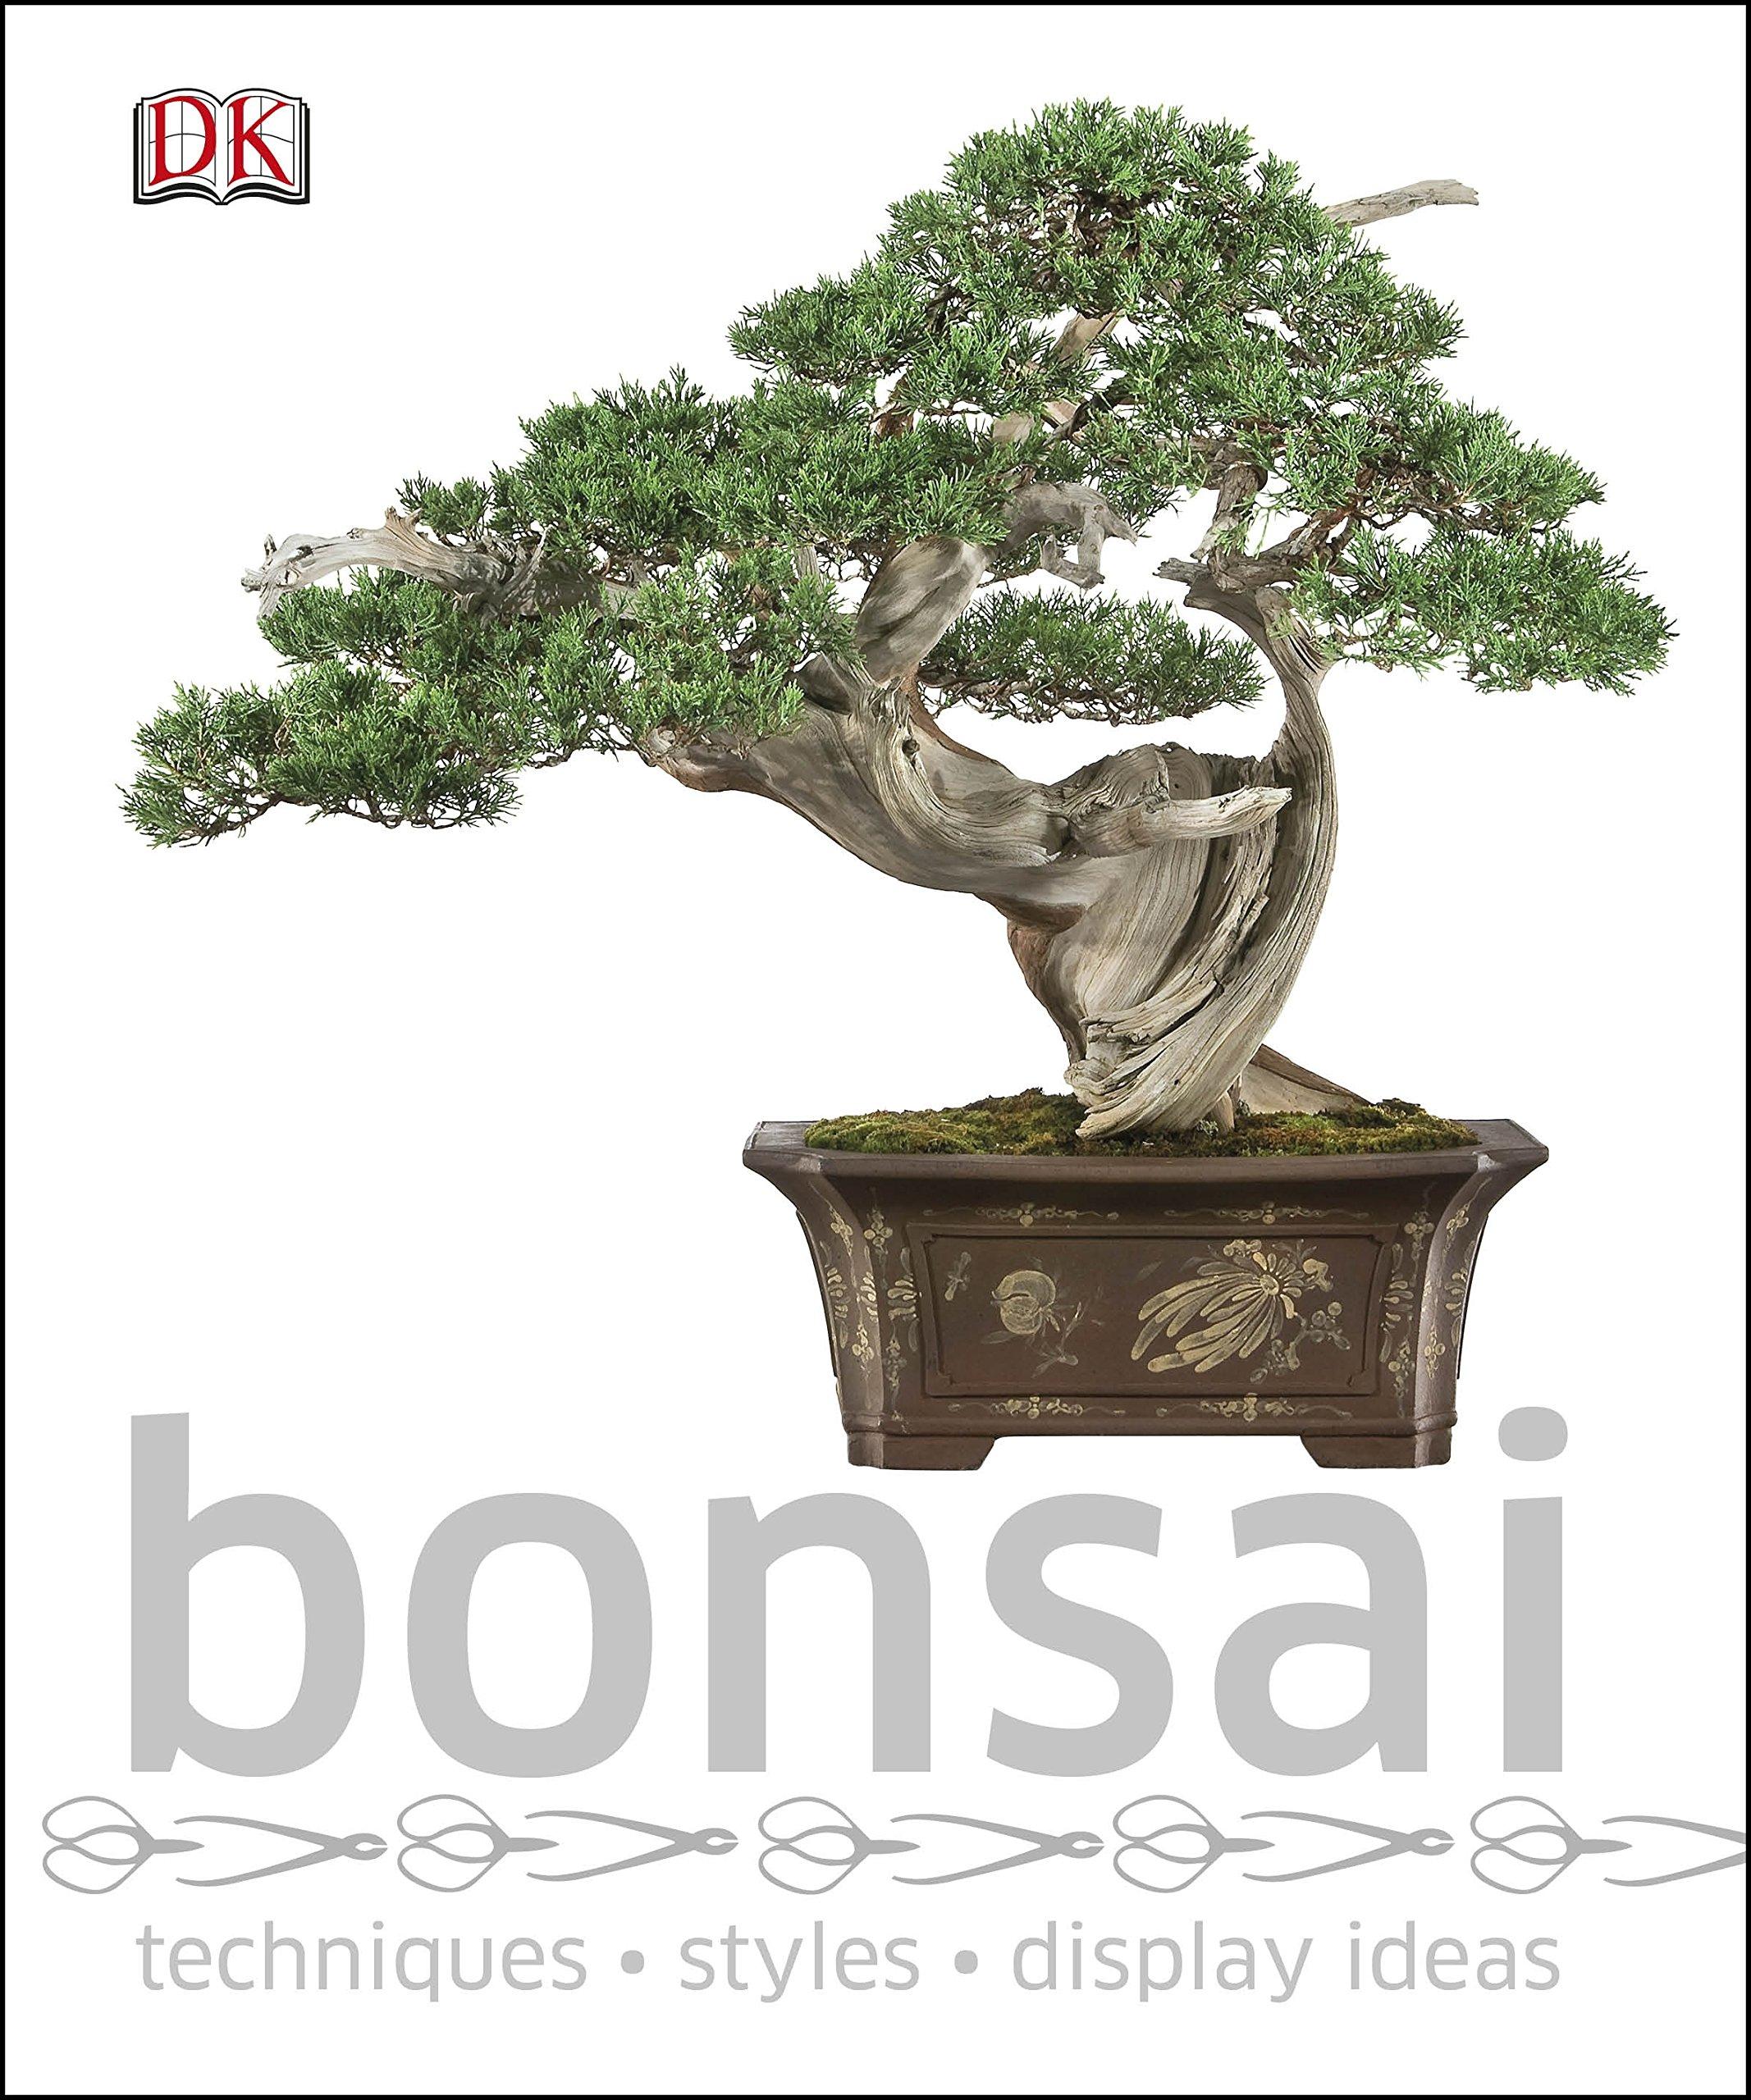 Bonsai Amazoncouk DK 9781409344087 Books